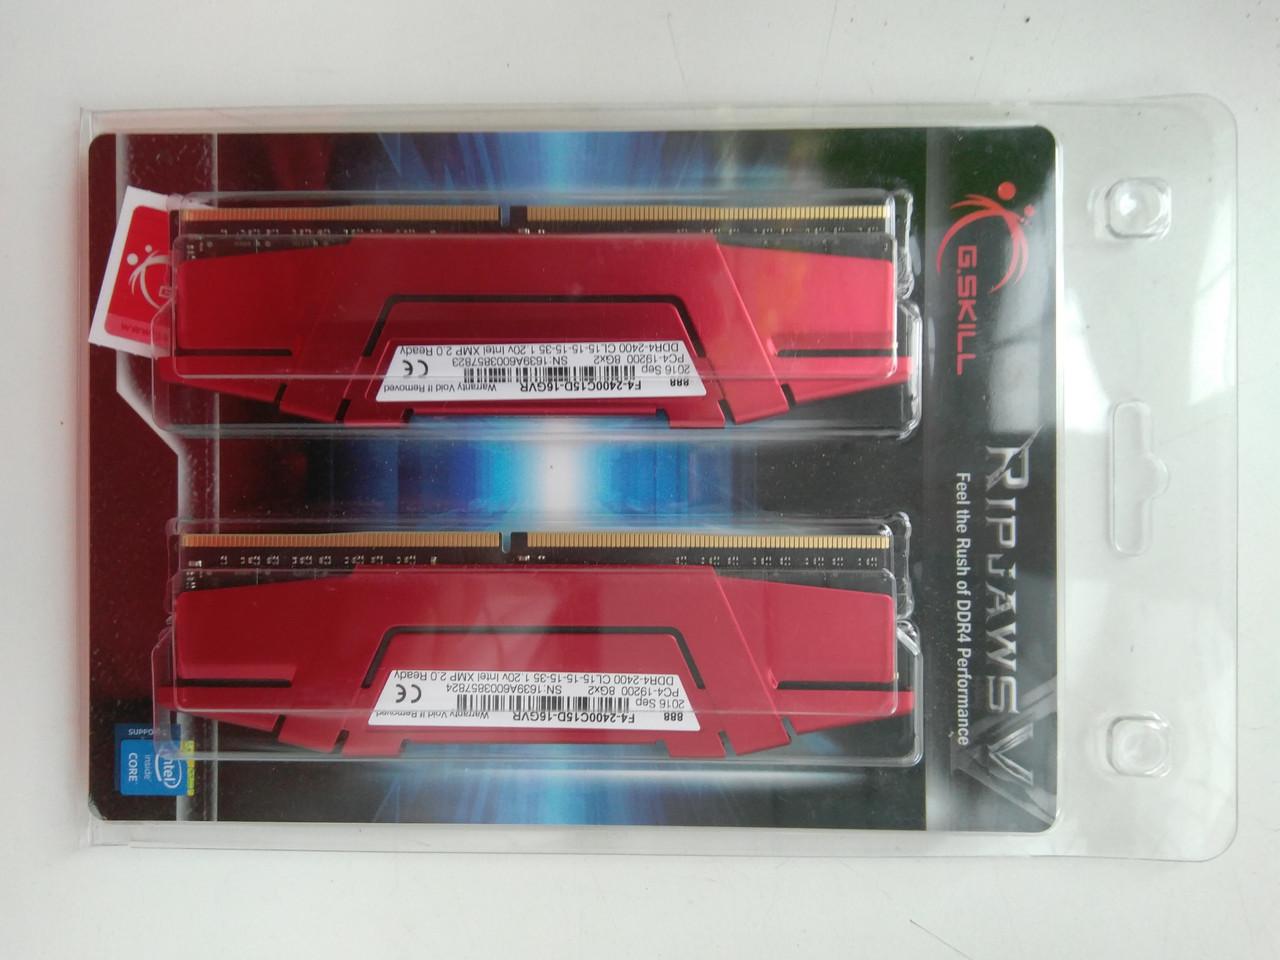 Оперативная память G.Skill 16 GB (2x8GB) DDR4 2400 MHz (F4-2400C15D-16GVR)